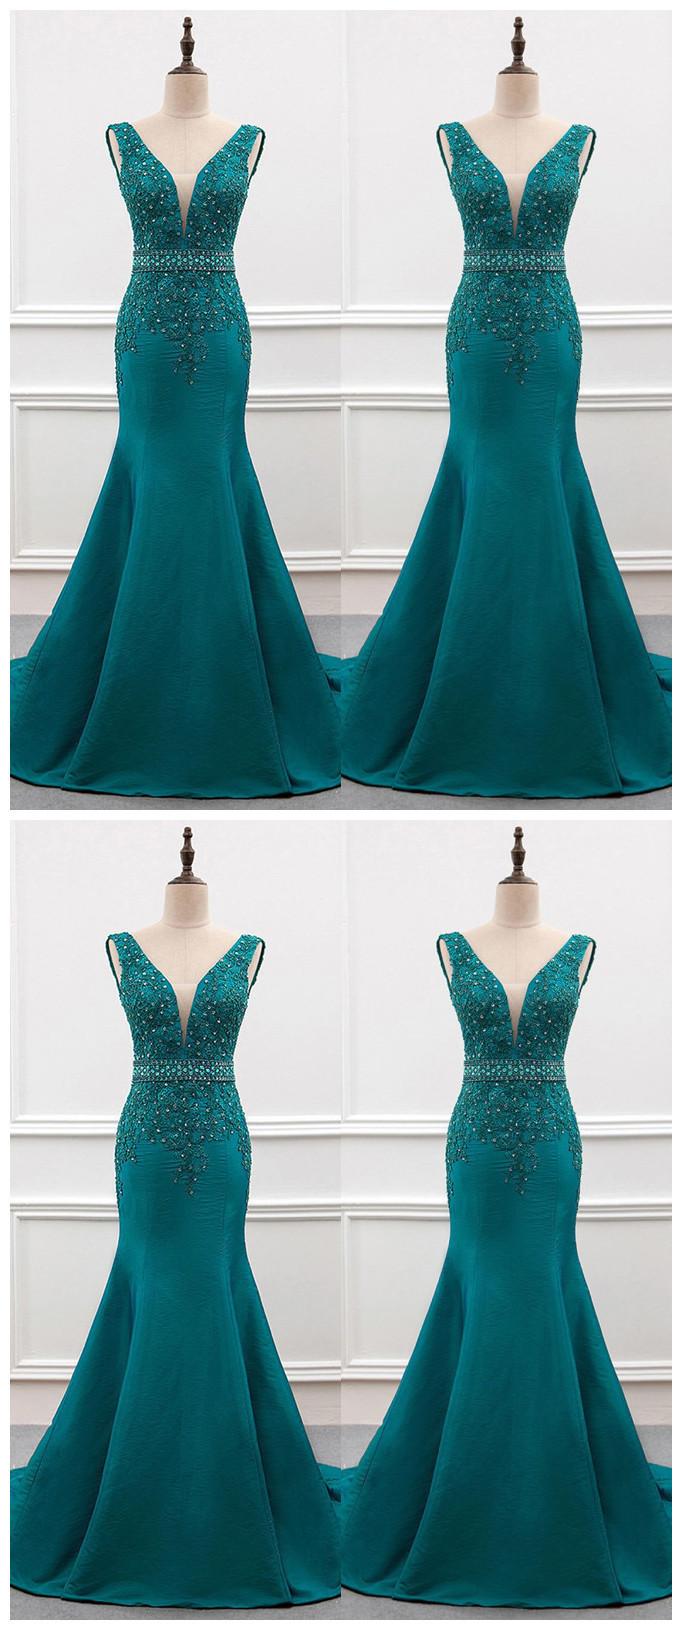 Charming Prom Dress,Appliques Prom Dress,Mermaid Dress,Satin Prom Dress